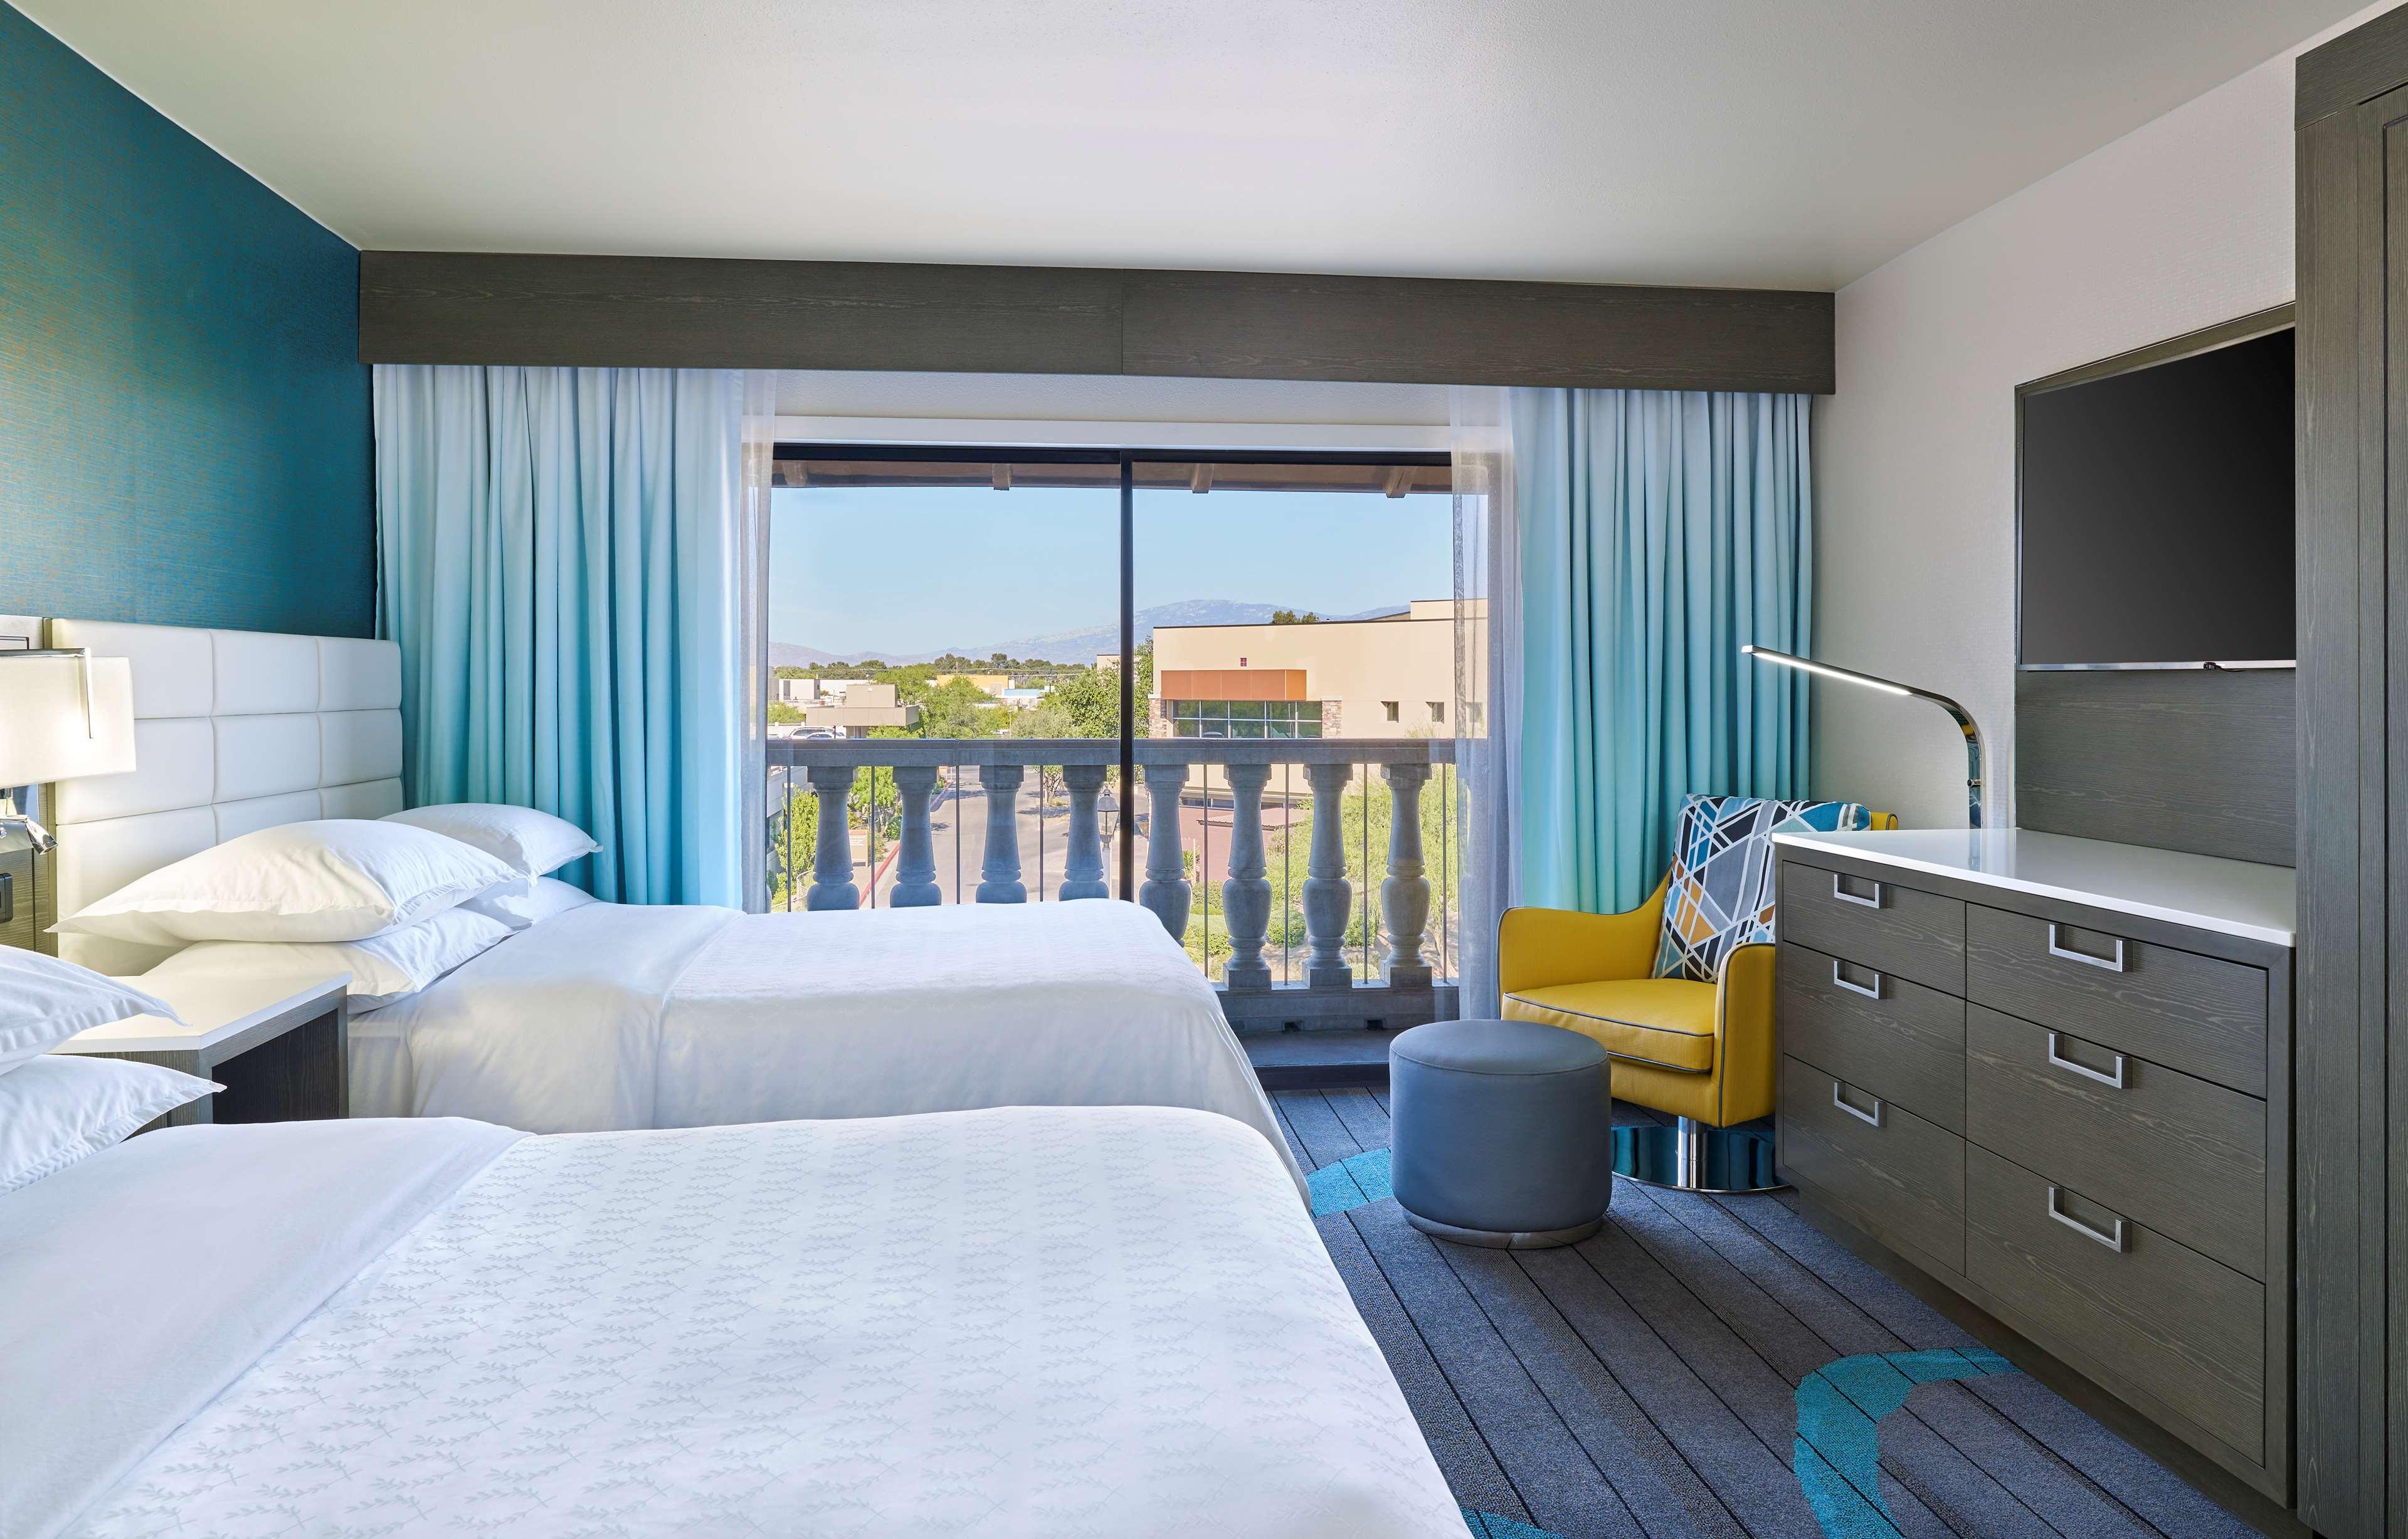 Sheraton Tucson Hotel & Suites image 16